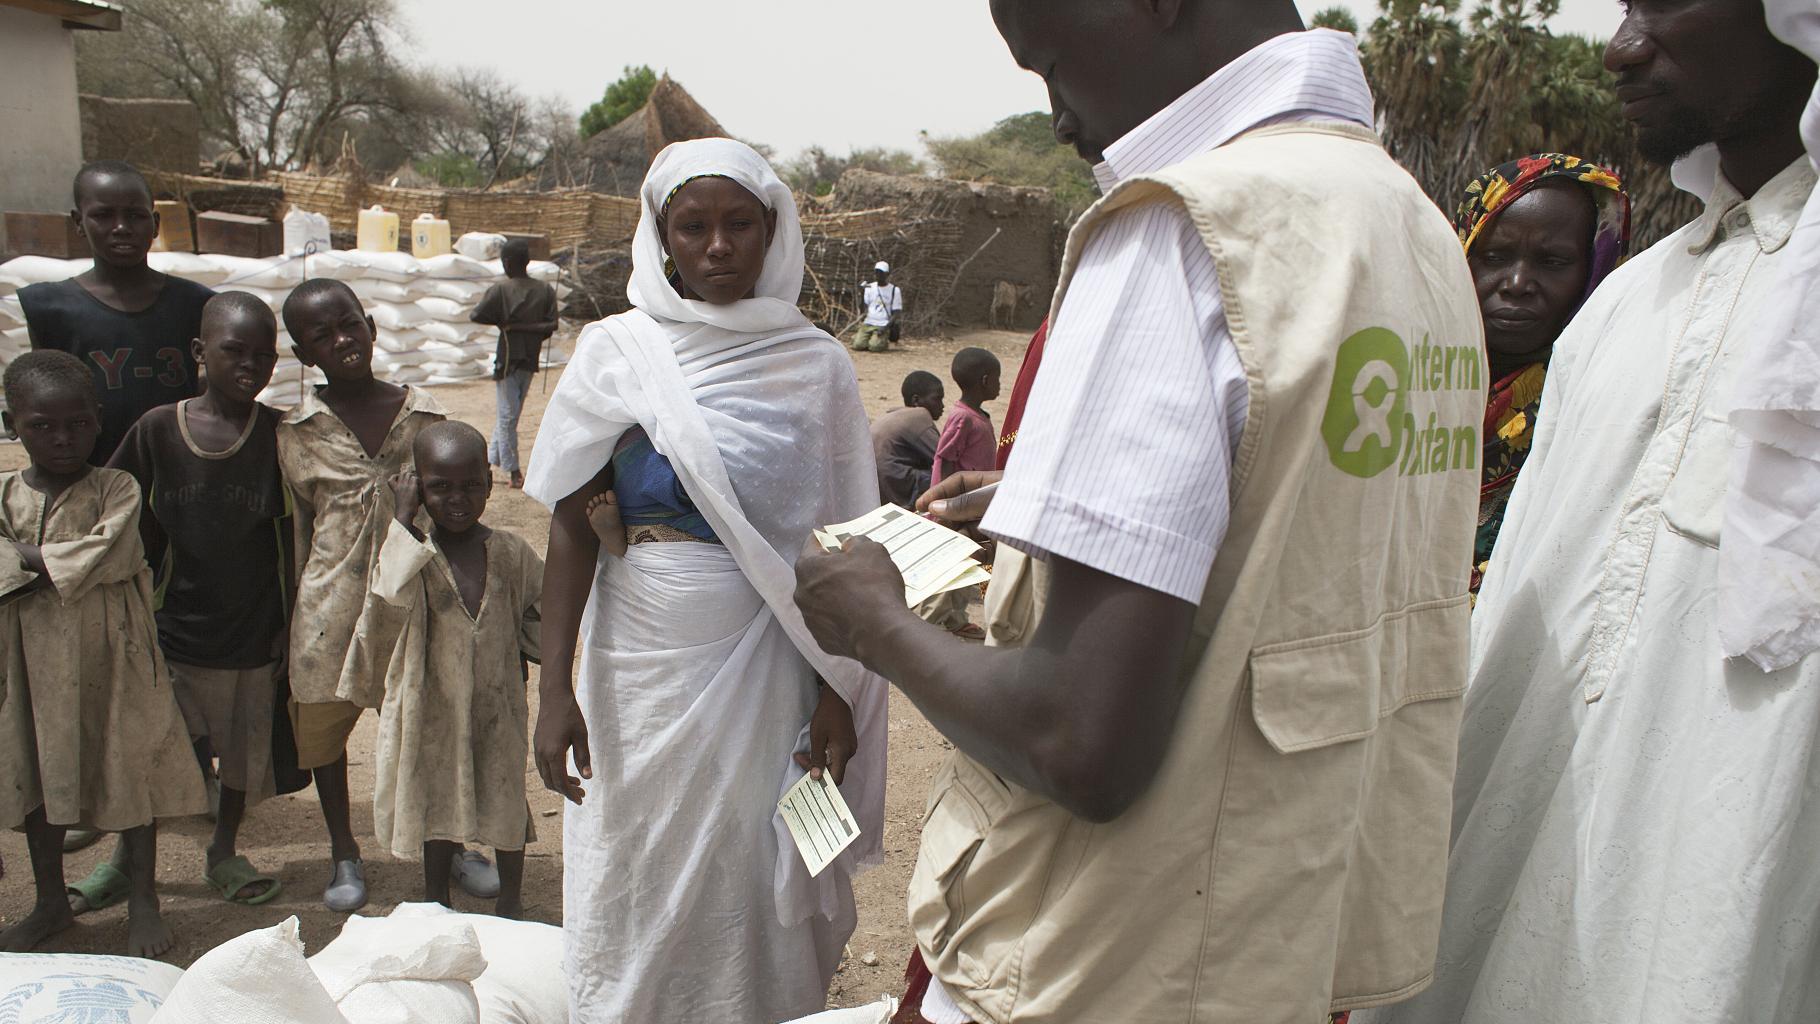 Eine junge Mutter und ein Oxfam-Mitarbeiter bei der Nahrungsmittelausgabe